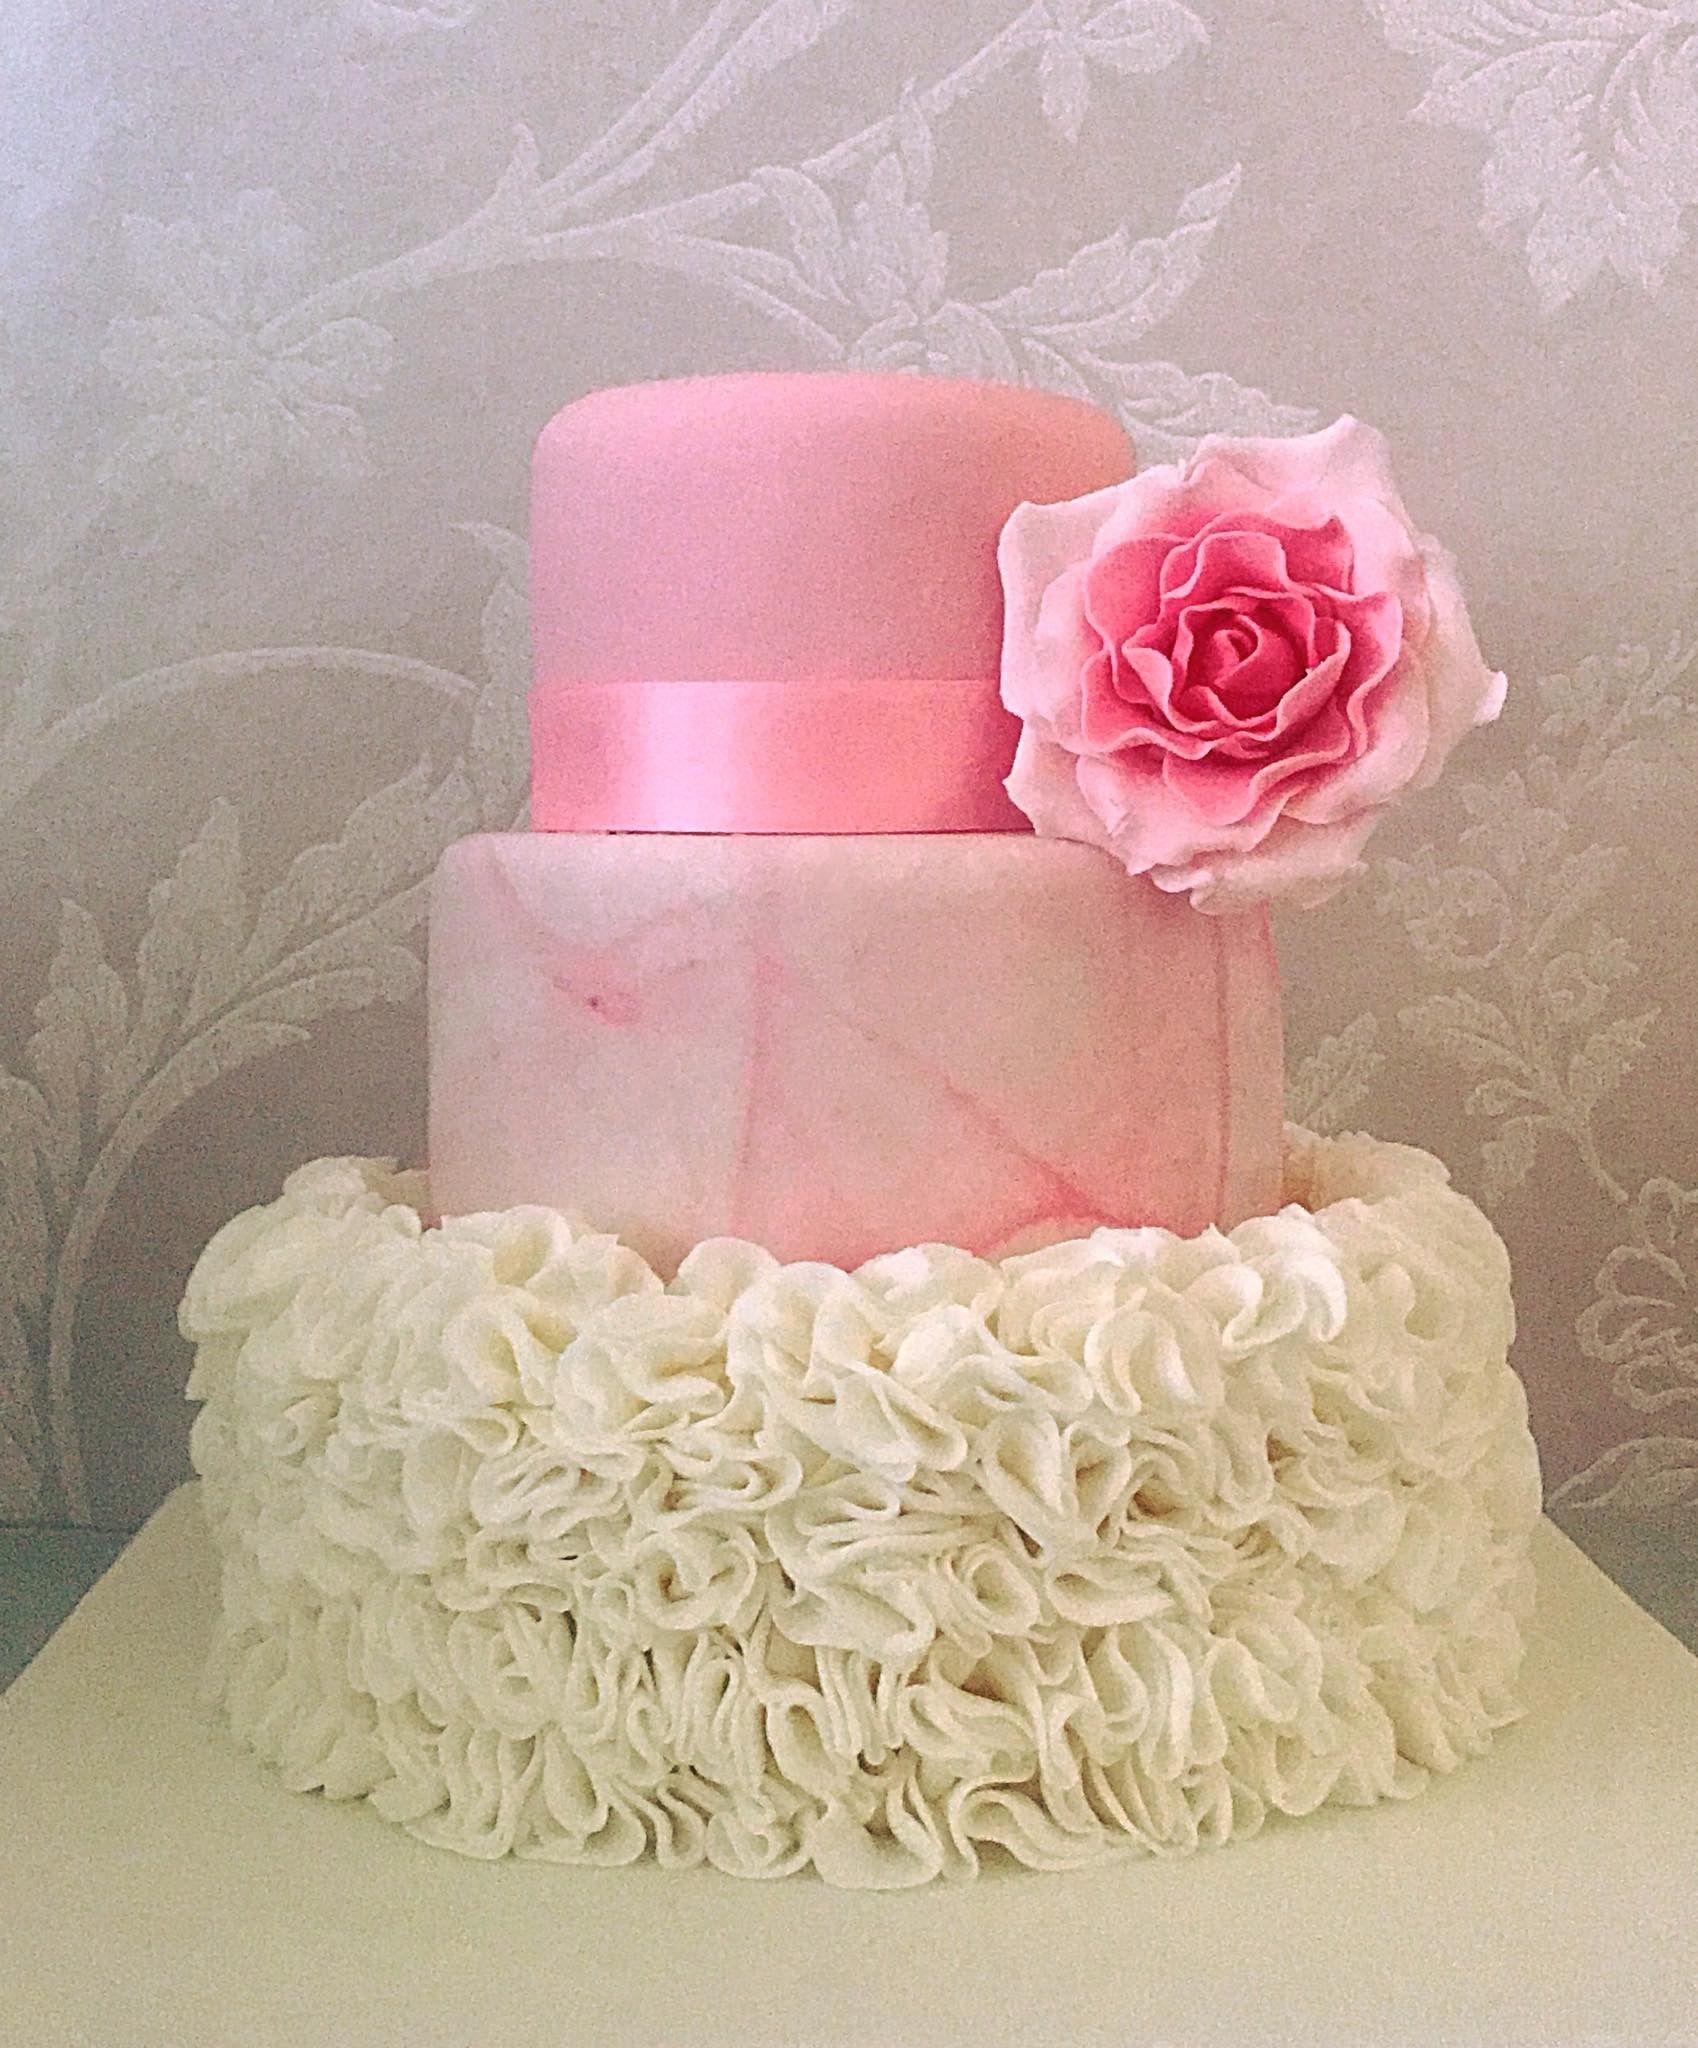 Pink marble and white ruffle wedding cake xx | KupKates | Pinterest ...